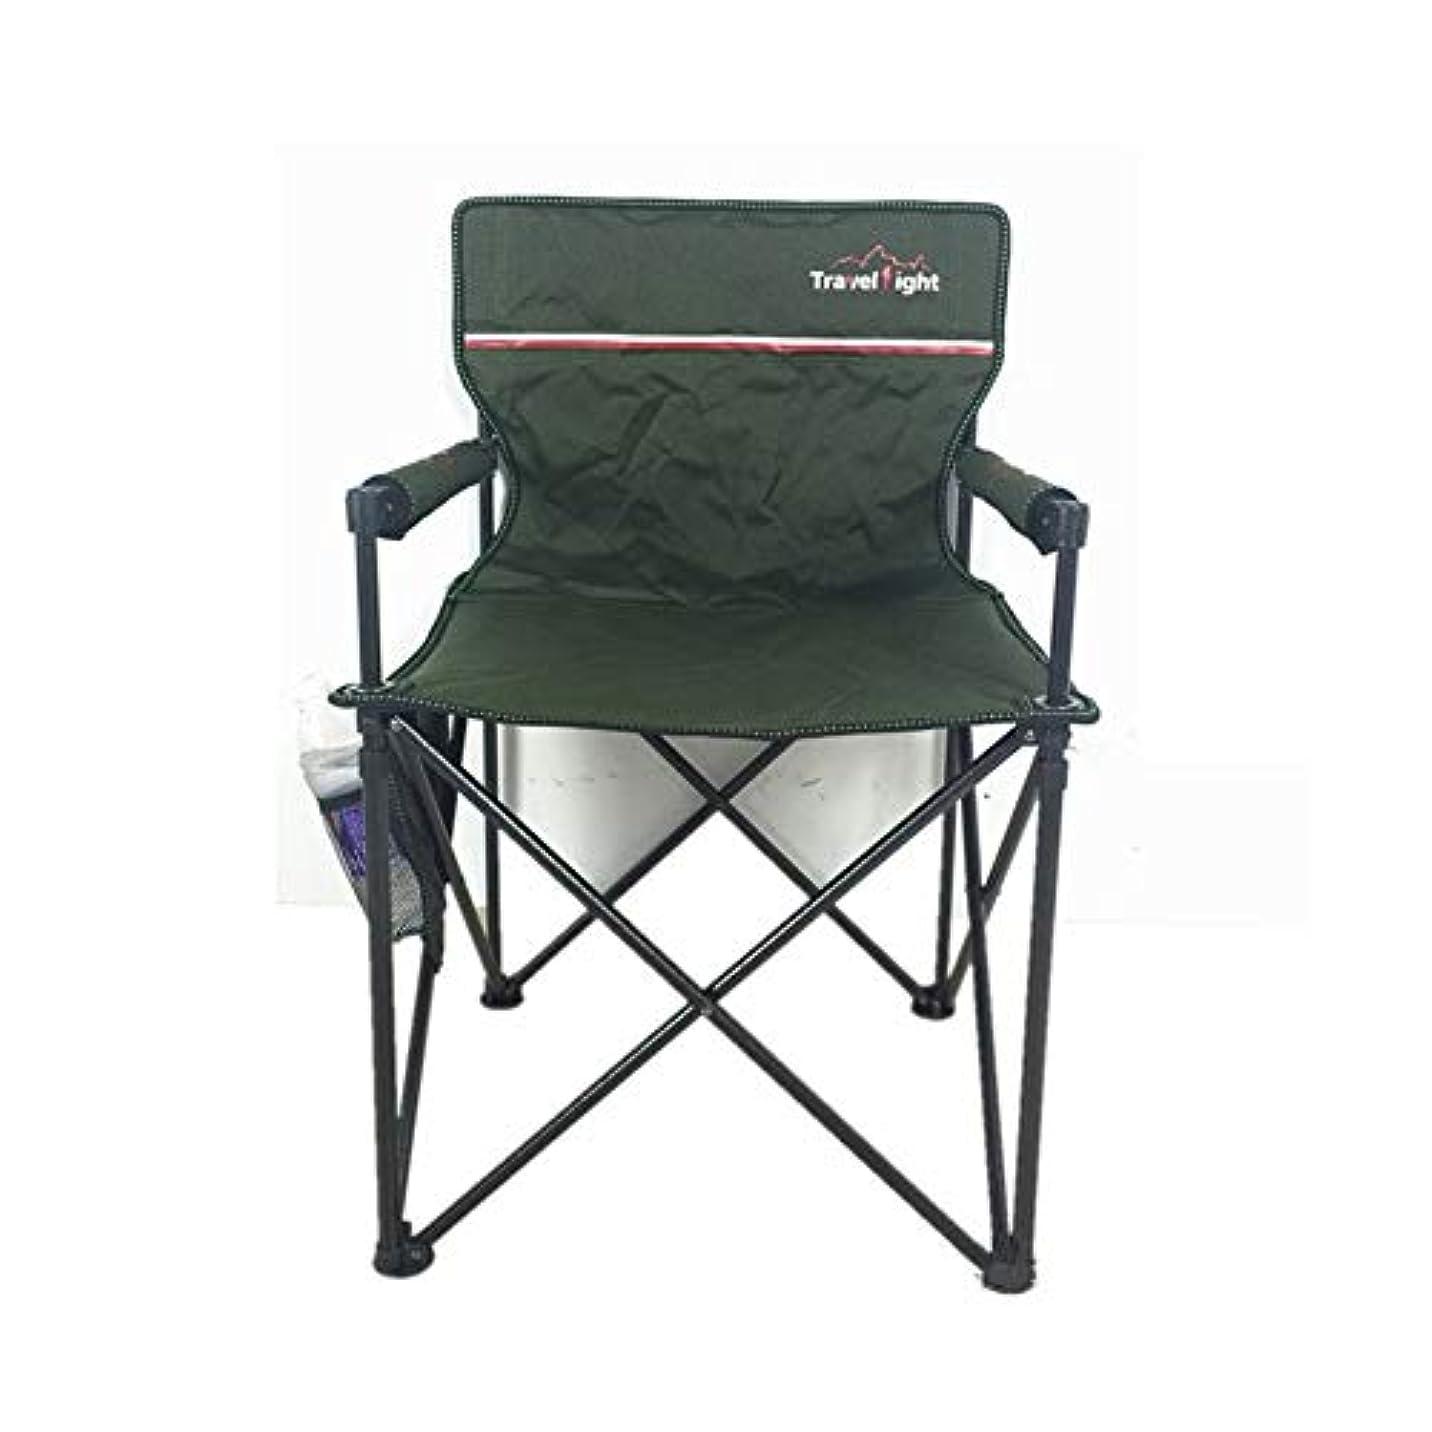 トロリーバスインストラクター見ましたアウトドアチェア 屋外折りたたみ椅子、丈夫な鉄骨フレーム、カップホルダー付きのポータブルキャンプチェア、祭り/釣り/庭/ビーチでの使用